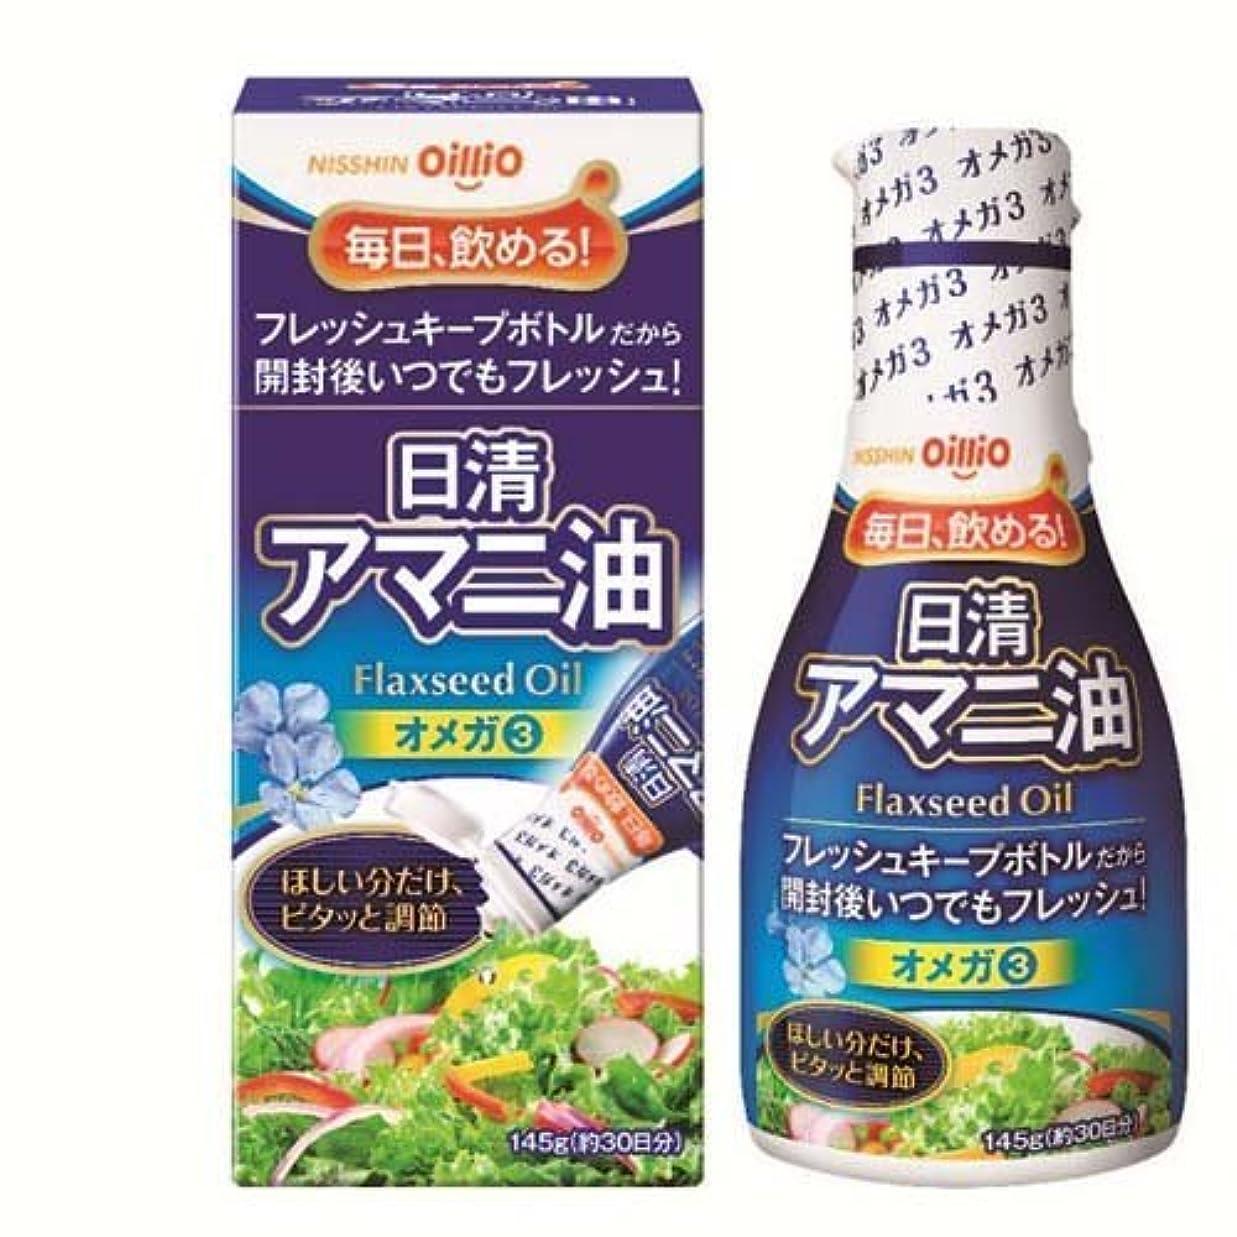 謝罪委員長チャート日清 アマニ油 (亜麻仁油) 脂肪酸 α-リノレン酸(オメガ3) 145gx6本 (1ケース)